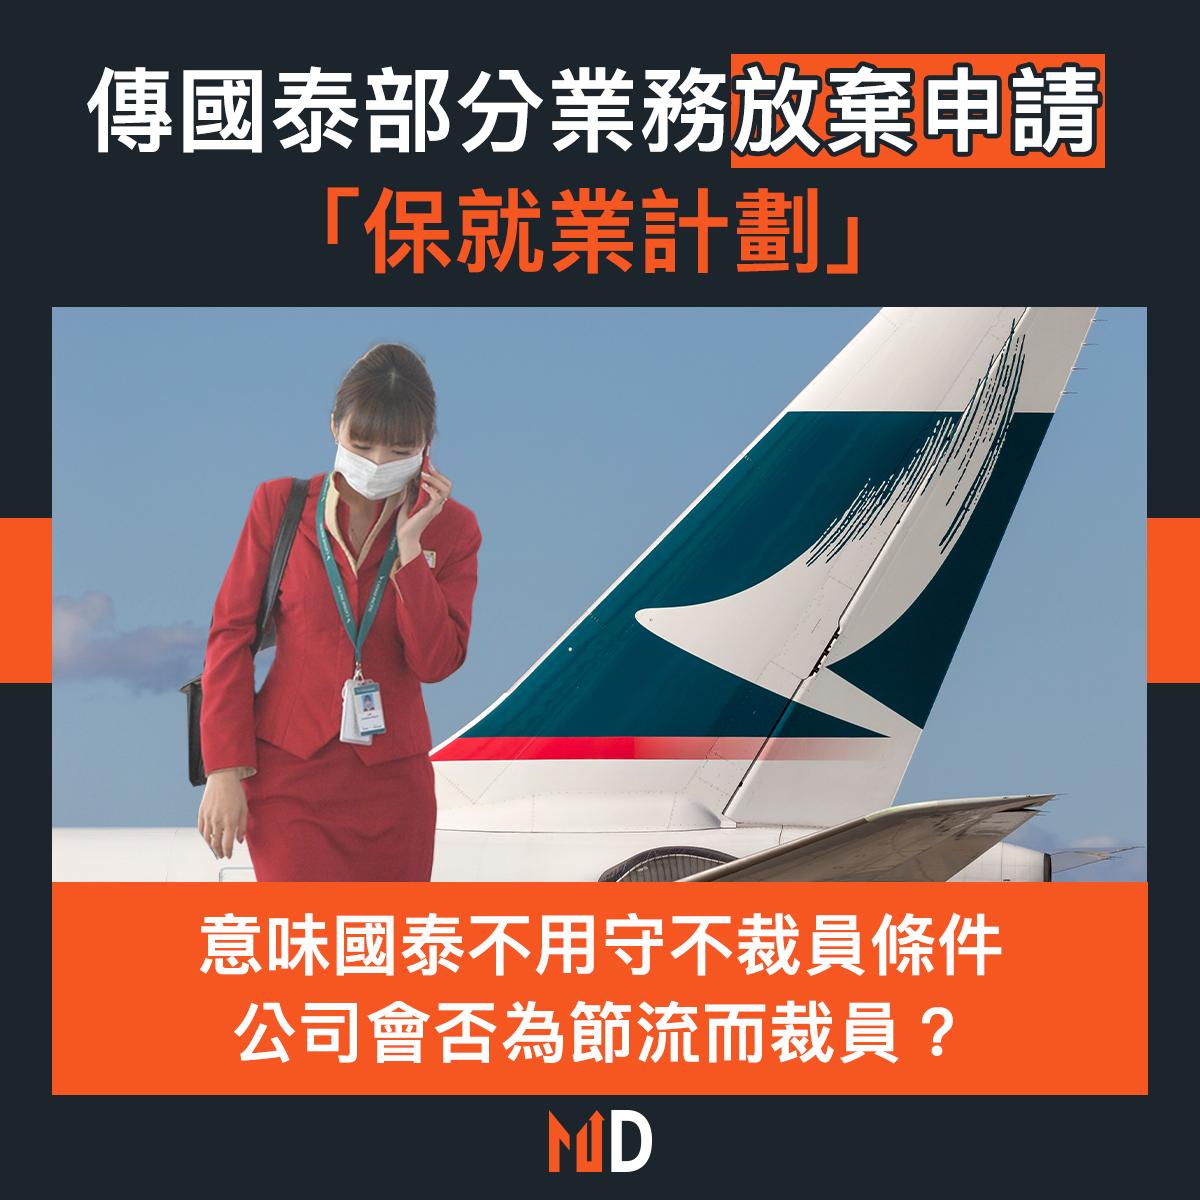 【市場熱話】傳國泰部分業務放棄申請「保就業計劃」